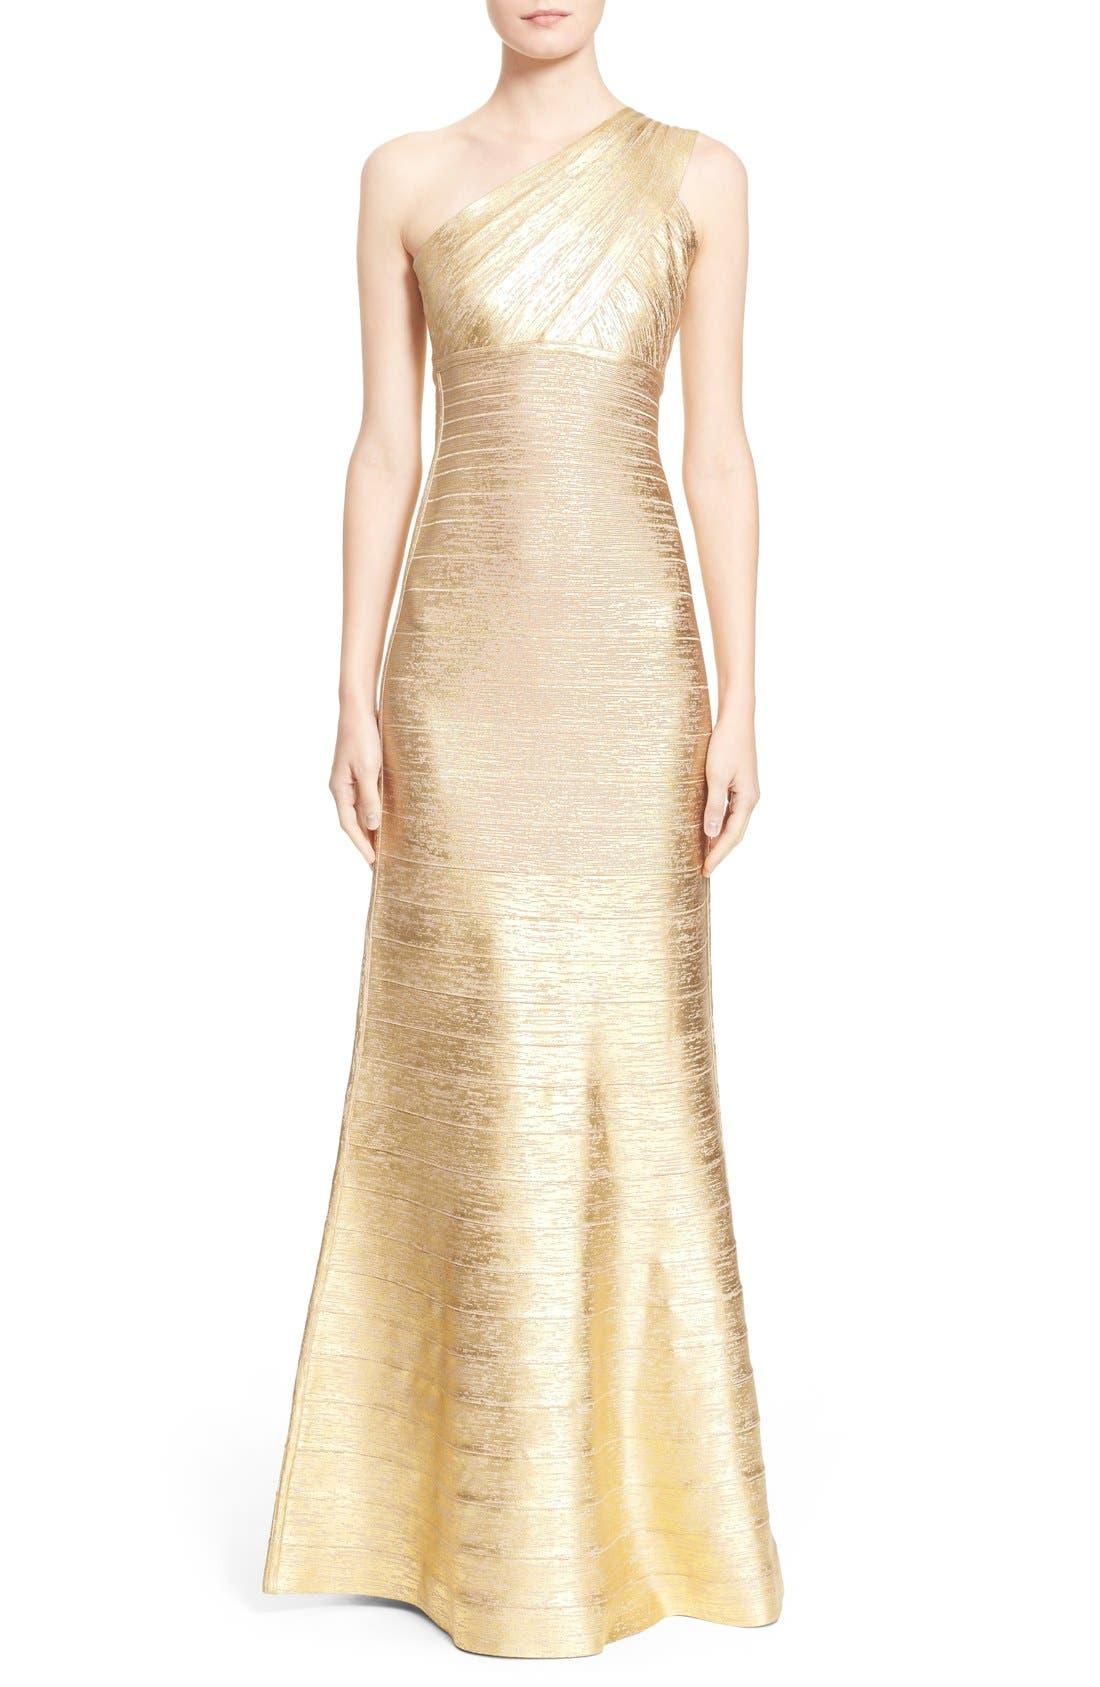 Alternate Image 1  - Herve Leger 'Lilyanna' One-Shoulder Woodgrain Metallic Gown